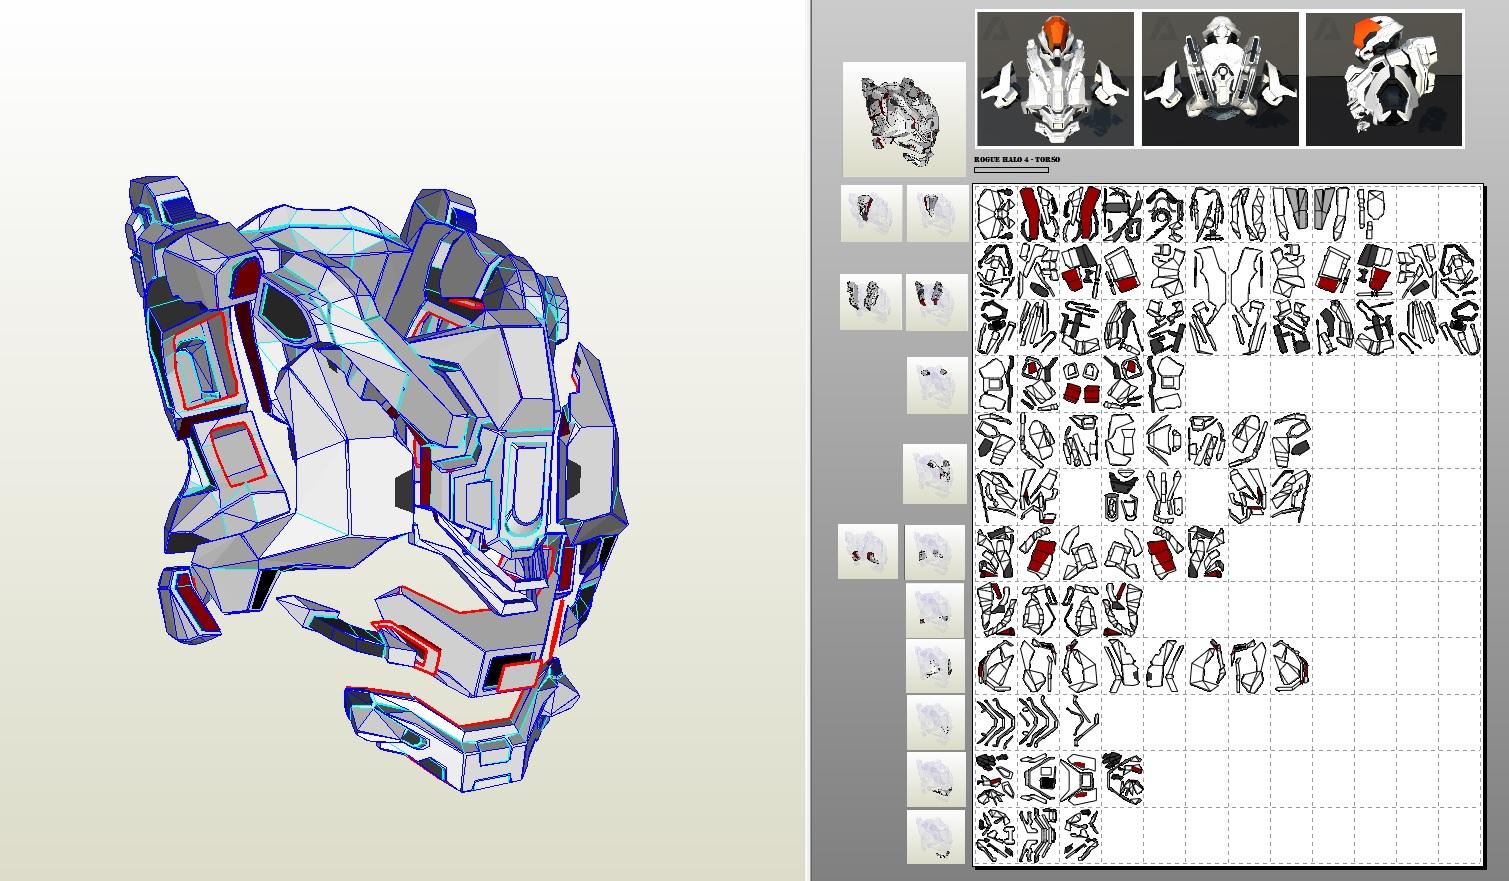 Rogue chest 2.jpg